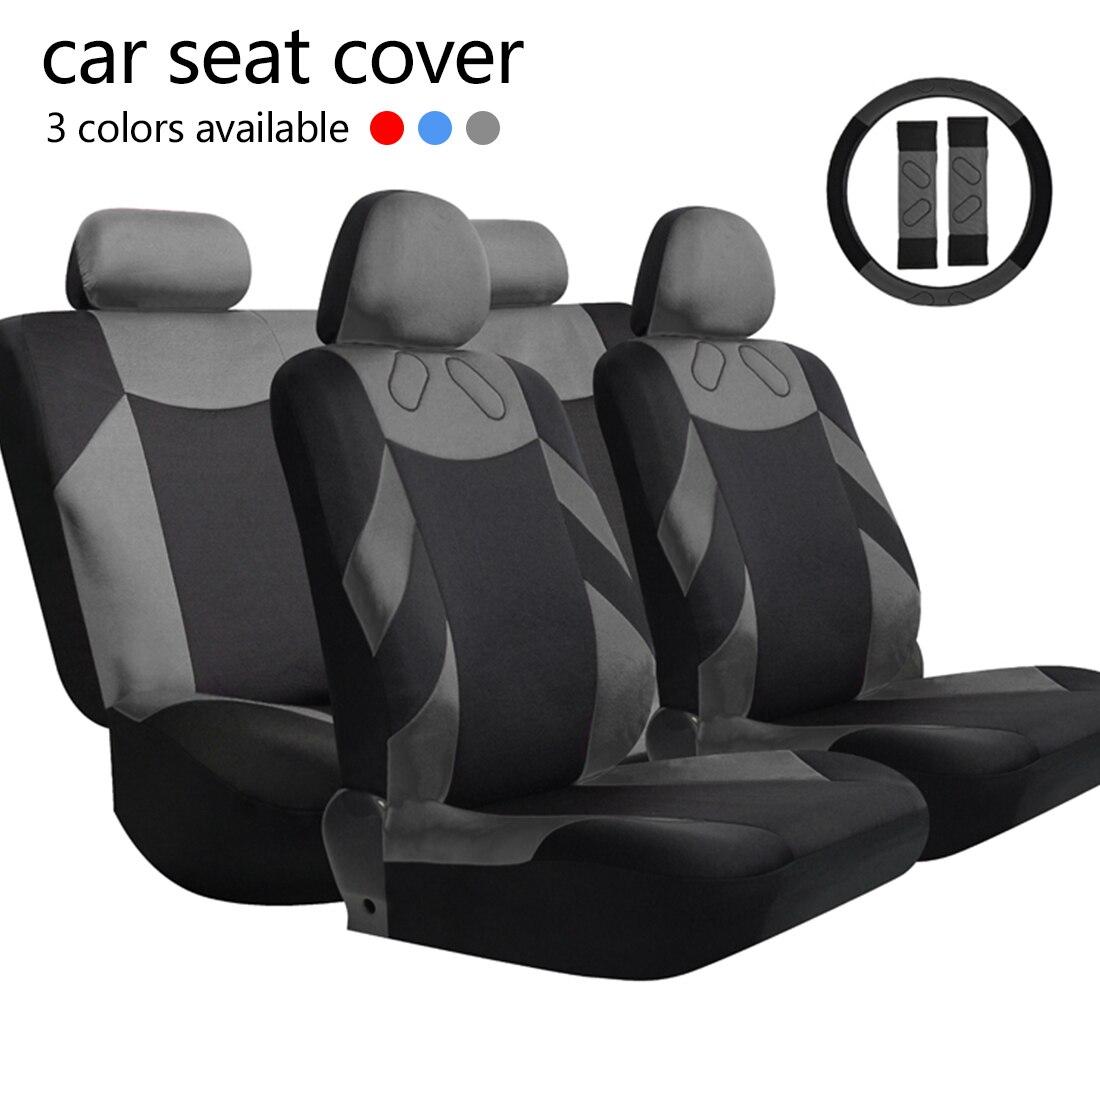 Dewtreetali автомобилей чехлы Универсальный сиденья авто Защитная крышка полиэстер синий и красный цвета серый автомобиль подушки сиденья авто...